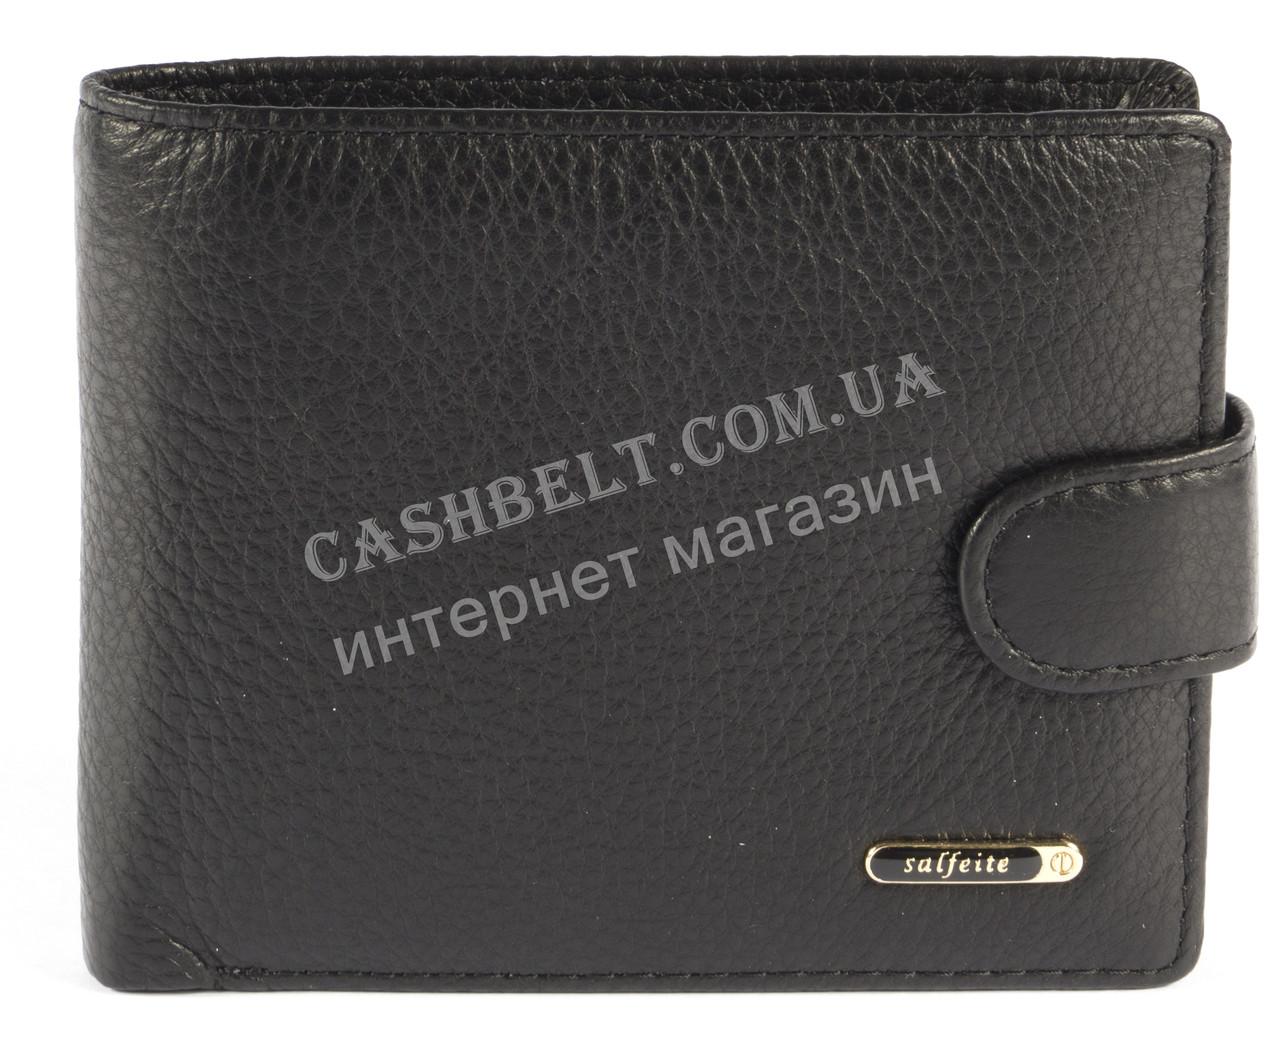 Стильний класичний гаманець з натуральної якісної шкіри SALFEITE art. 12243SL-N черн